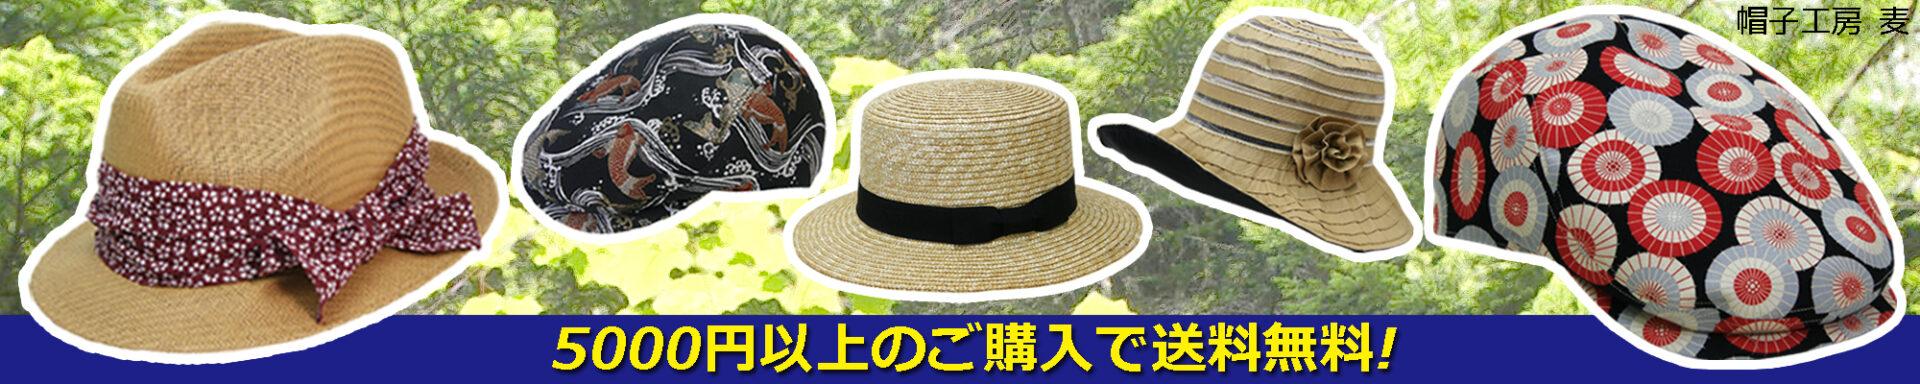 帽子工房「麦」